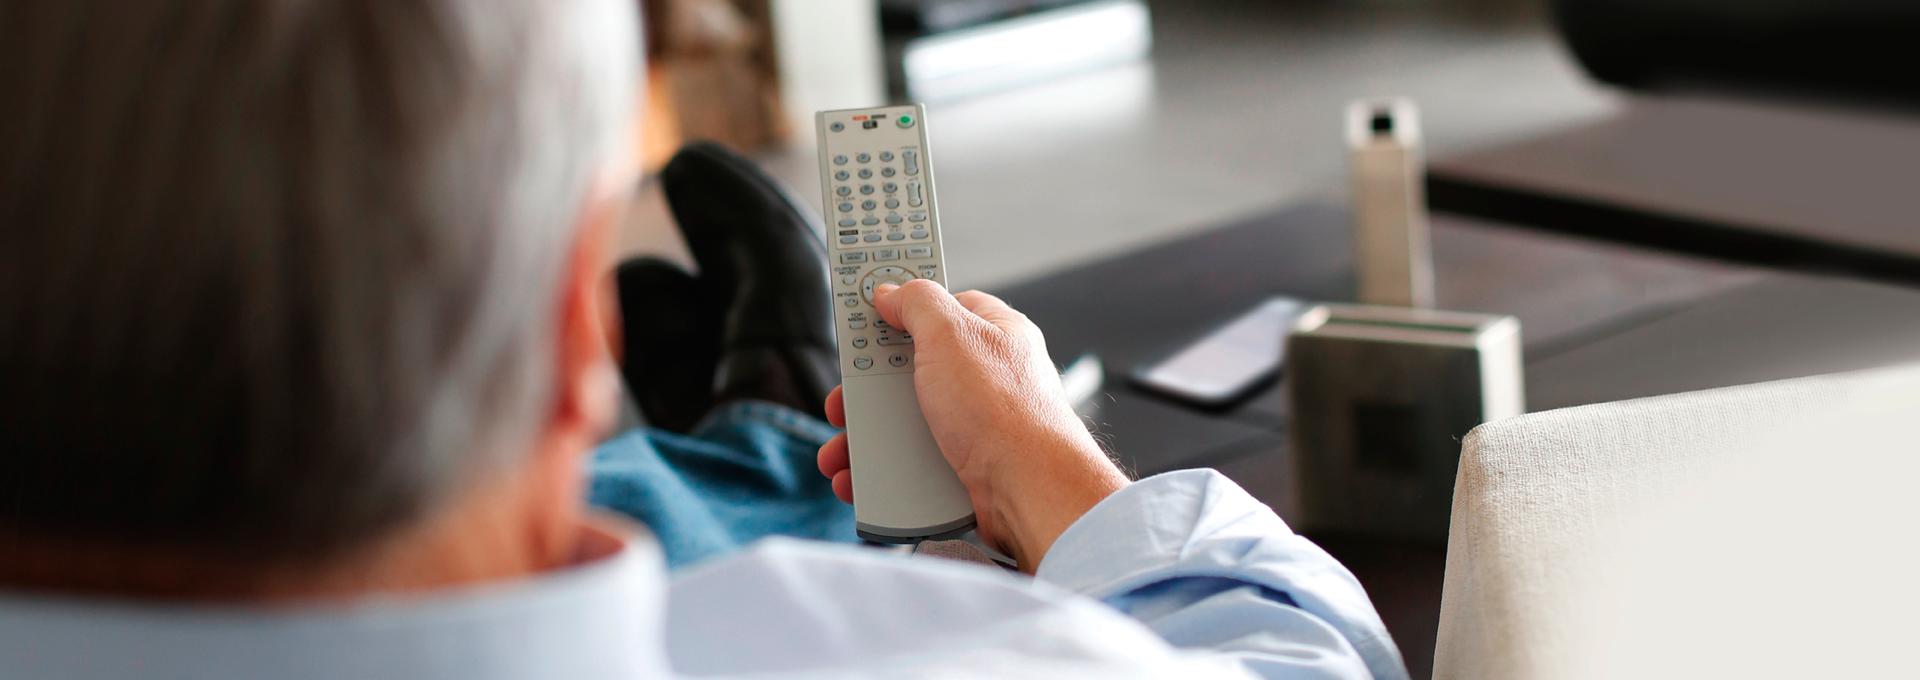 Accessori per un ascolto semplice e connesso L'audio della TV, del telefono, dello smartphone, del computer trasmesso direttamente al tuo apparecchio acustico. Facile, vero?